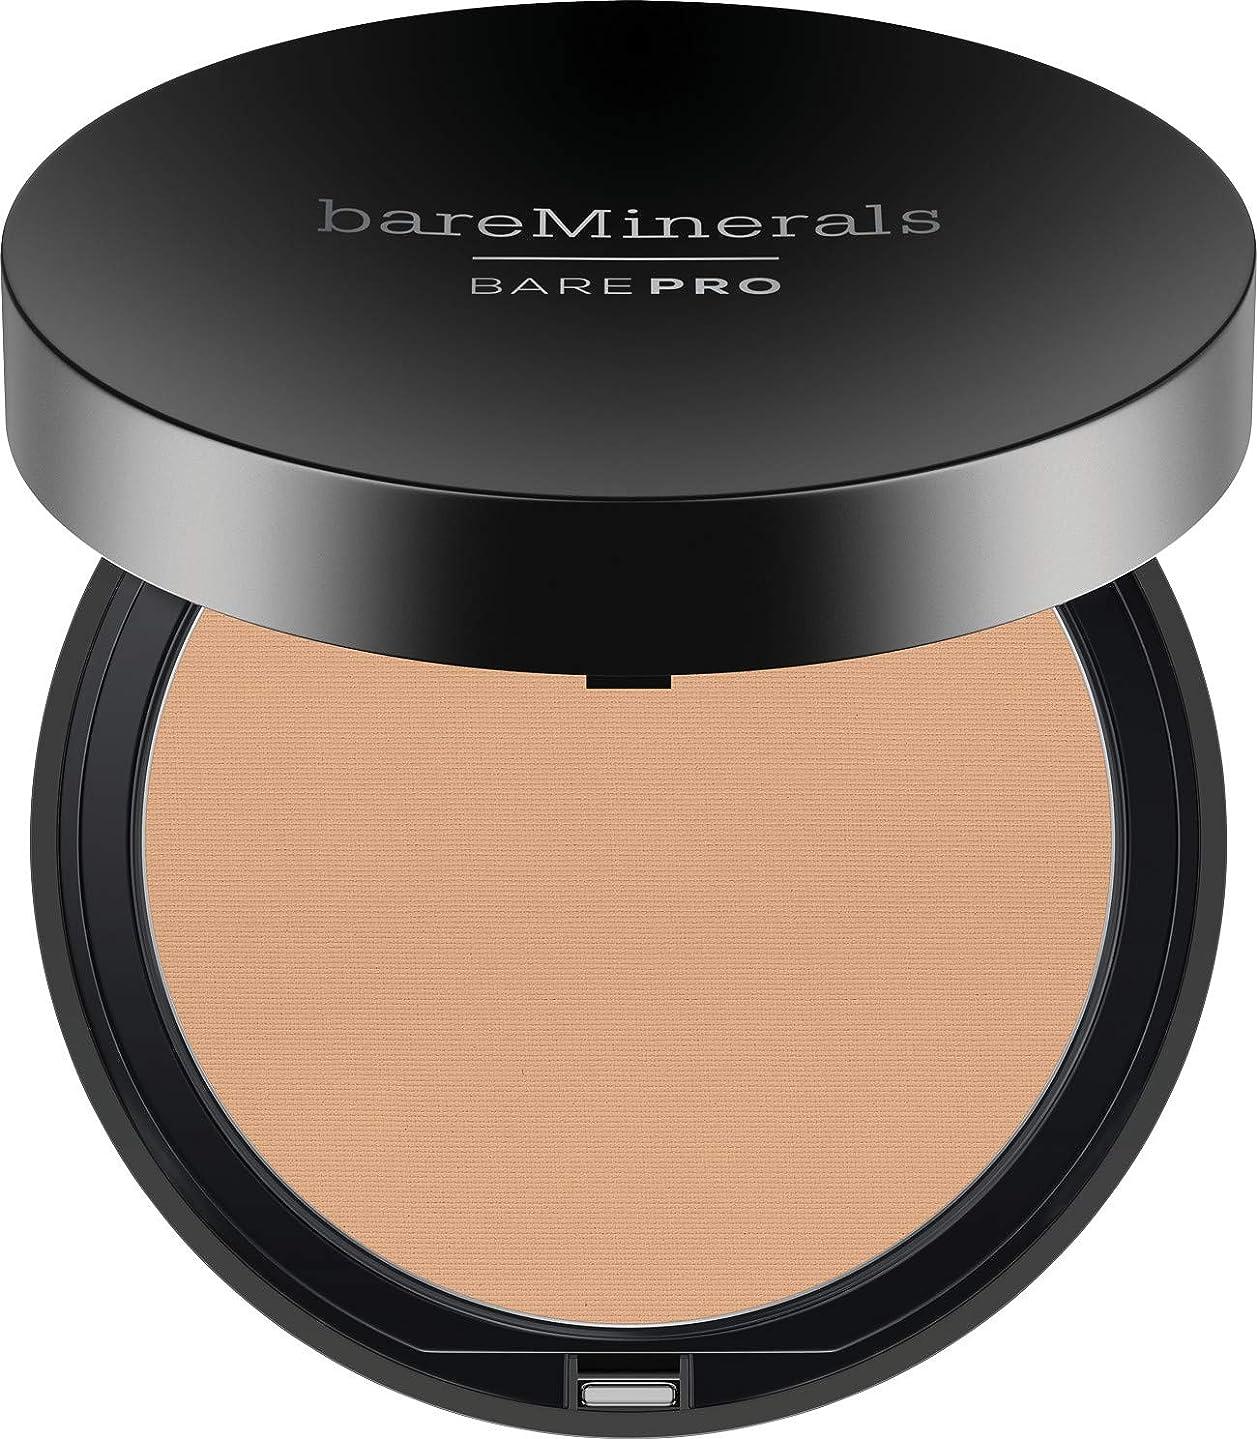 活力無効幻滅するベアミネラル BarePro Performance Wear Powder Foundation - # 12 Warm Natural 10g/0.34oz並行輸入品